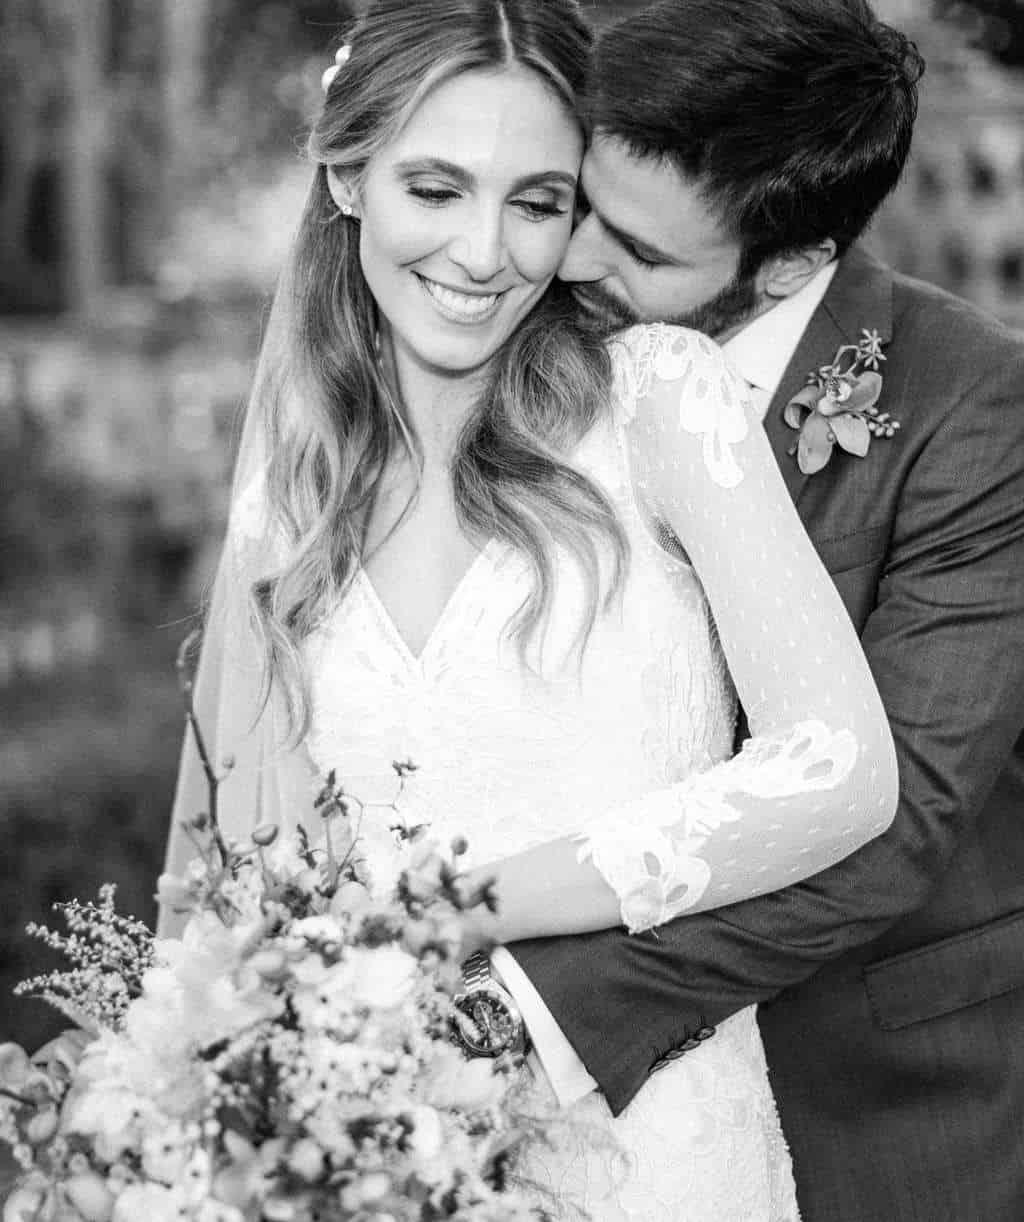 casamento-Camila-e-Diogo-casamento-na-fazenda-casamento-na-serra-casamento-romântico-destination-wedding-Fazenda-Santo-Antonio-Fotografia-Rodrigo-Sack-noivos-79